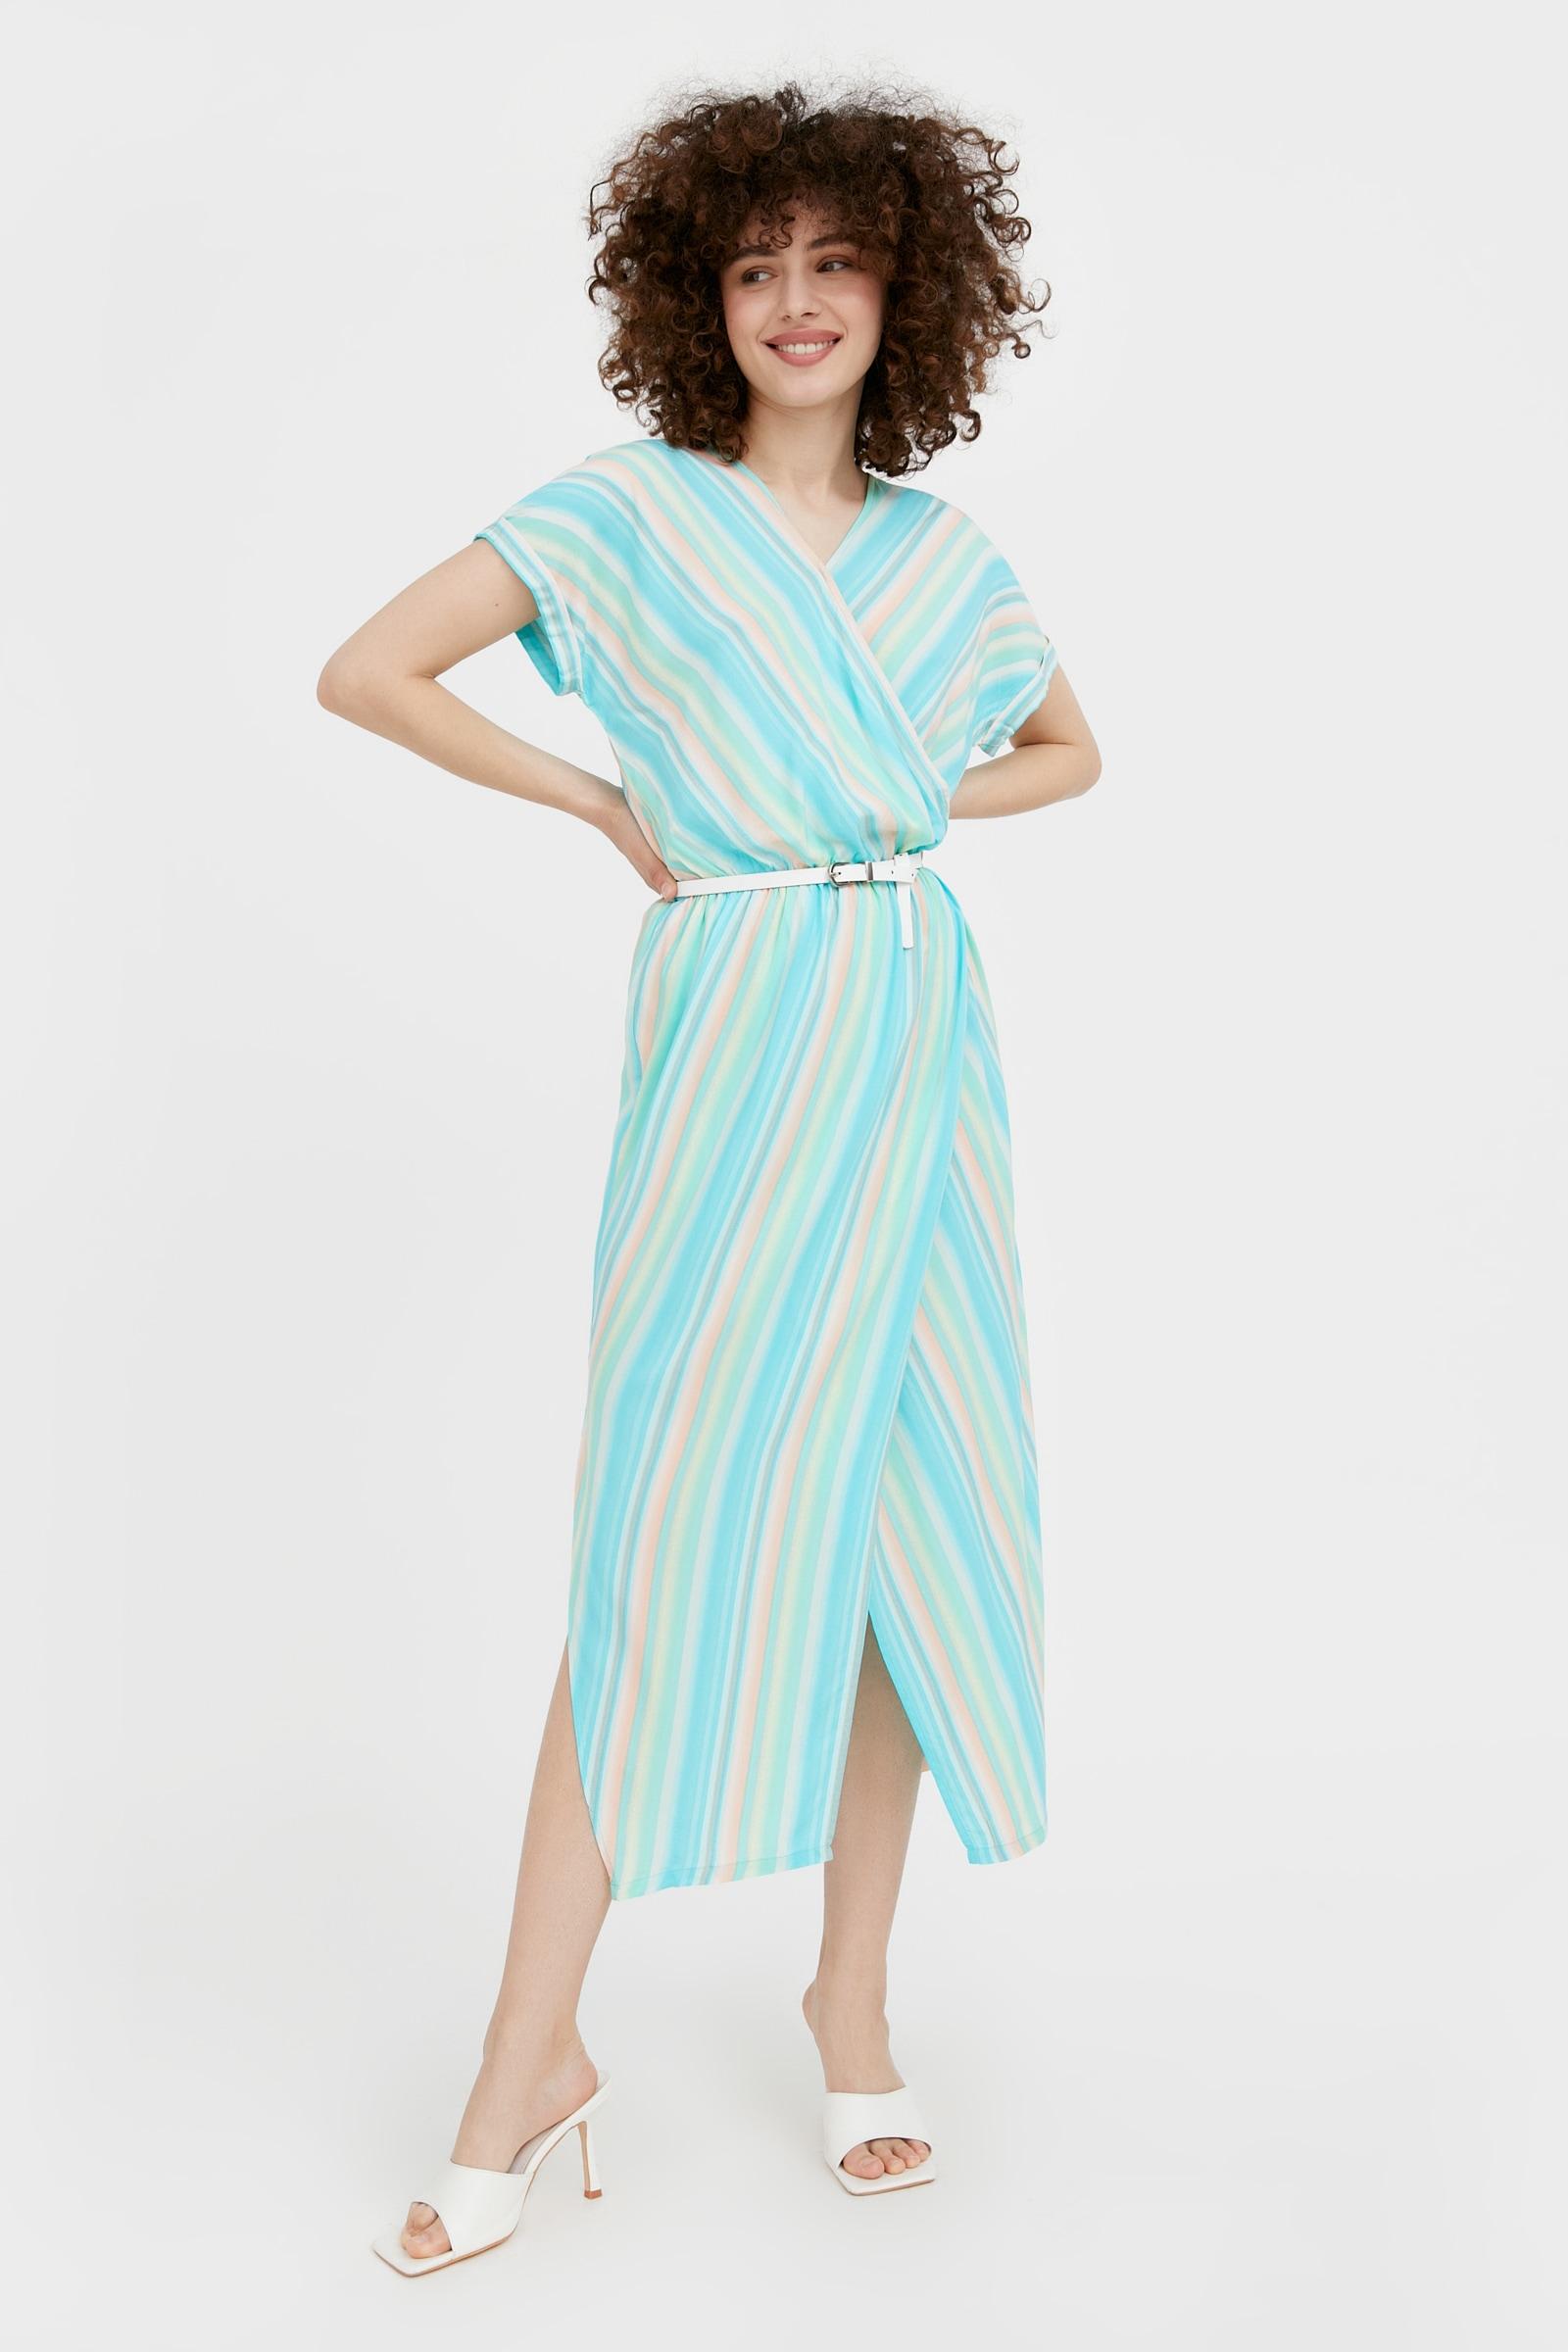 finn flare -  Jerseykleid, mit mehrfarbigem Streifen-Design